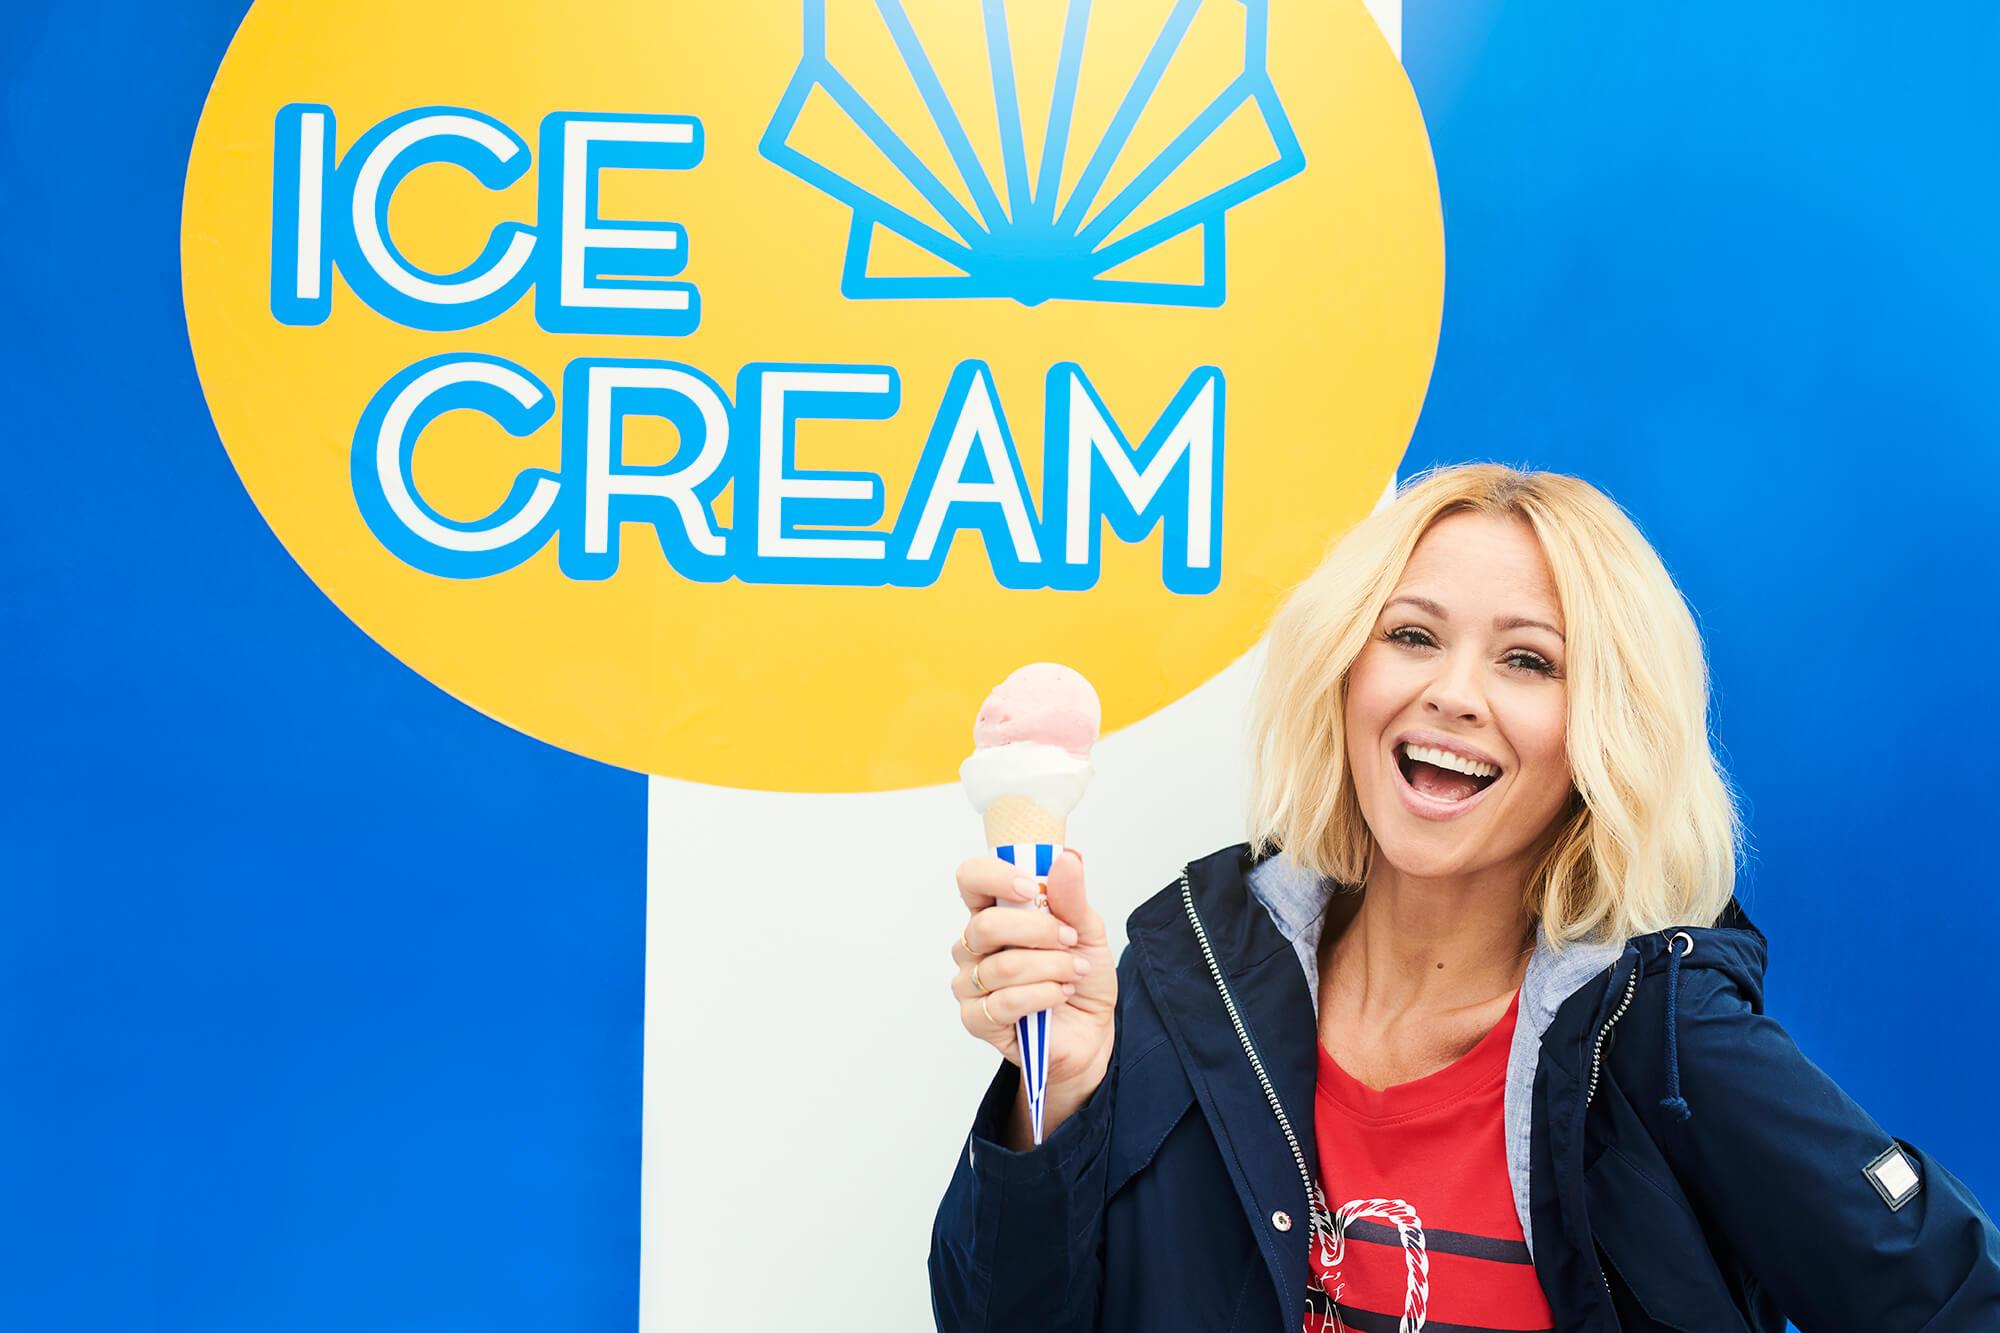 Kim-Ice-Cream-1_0058